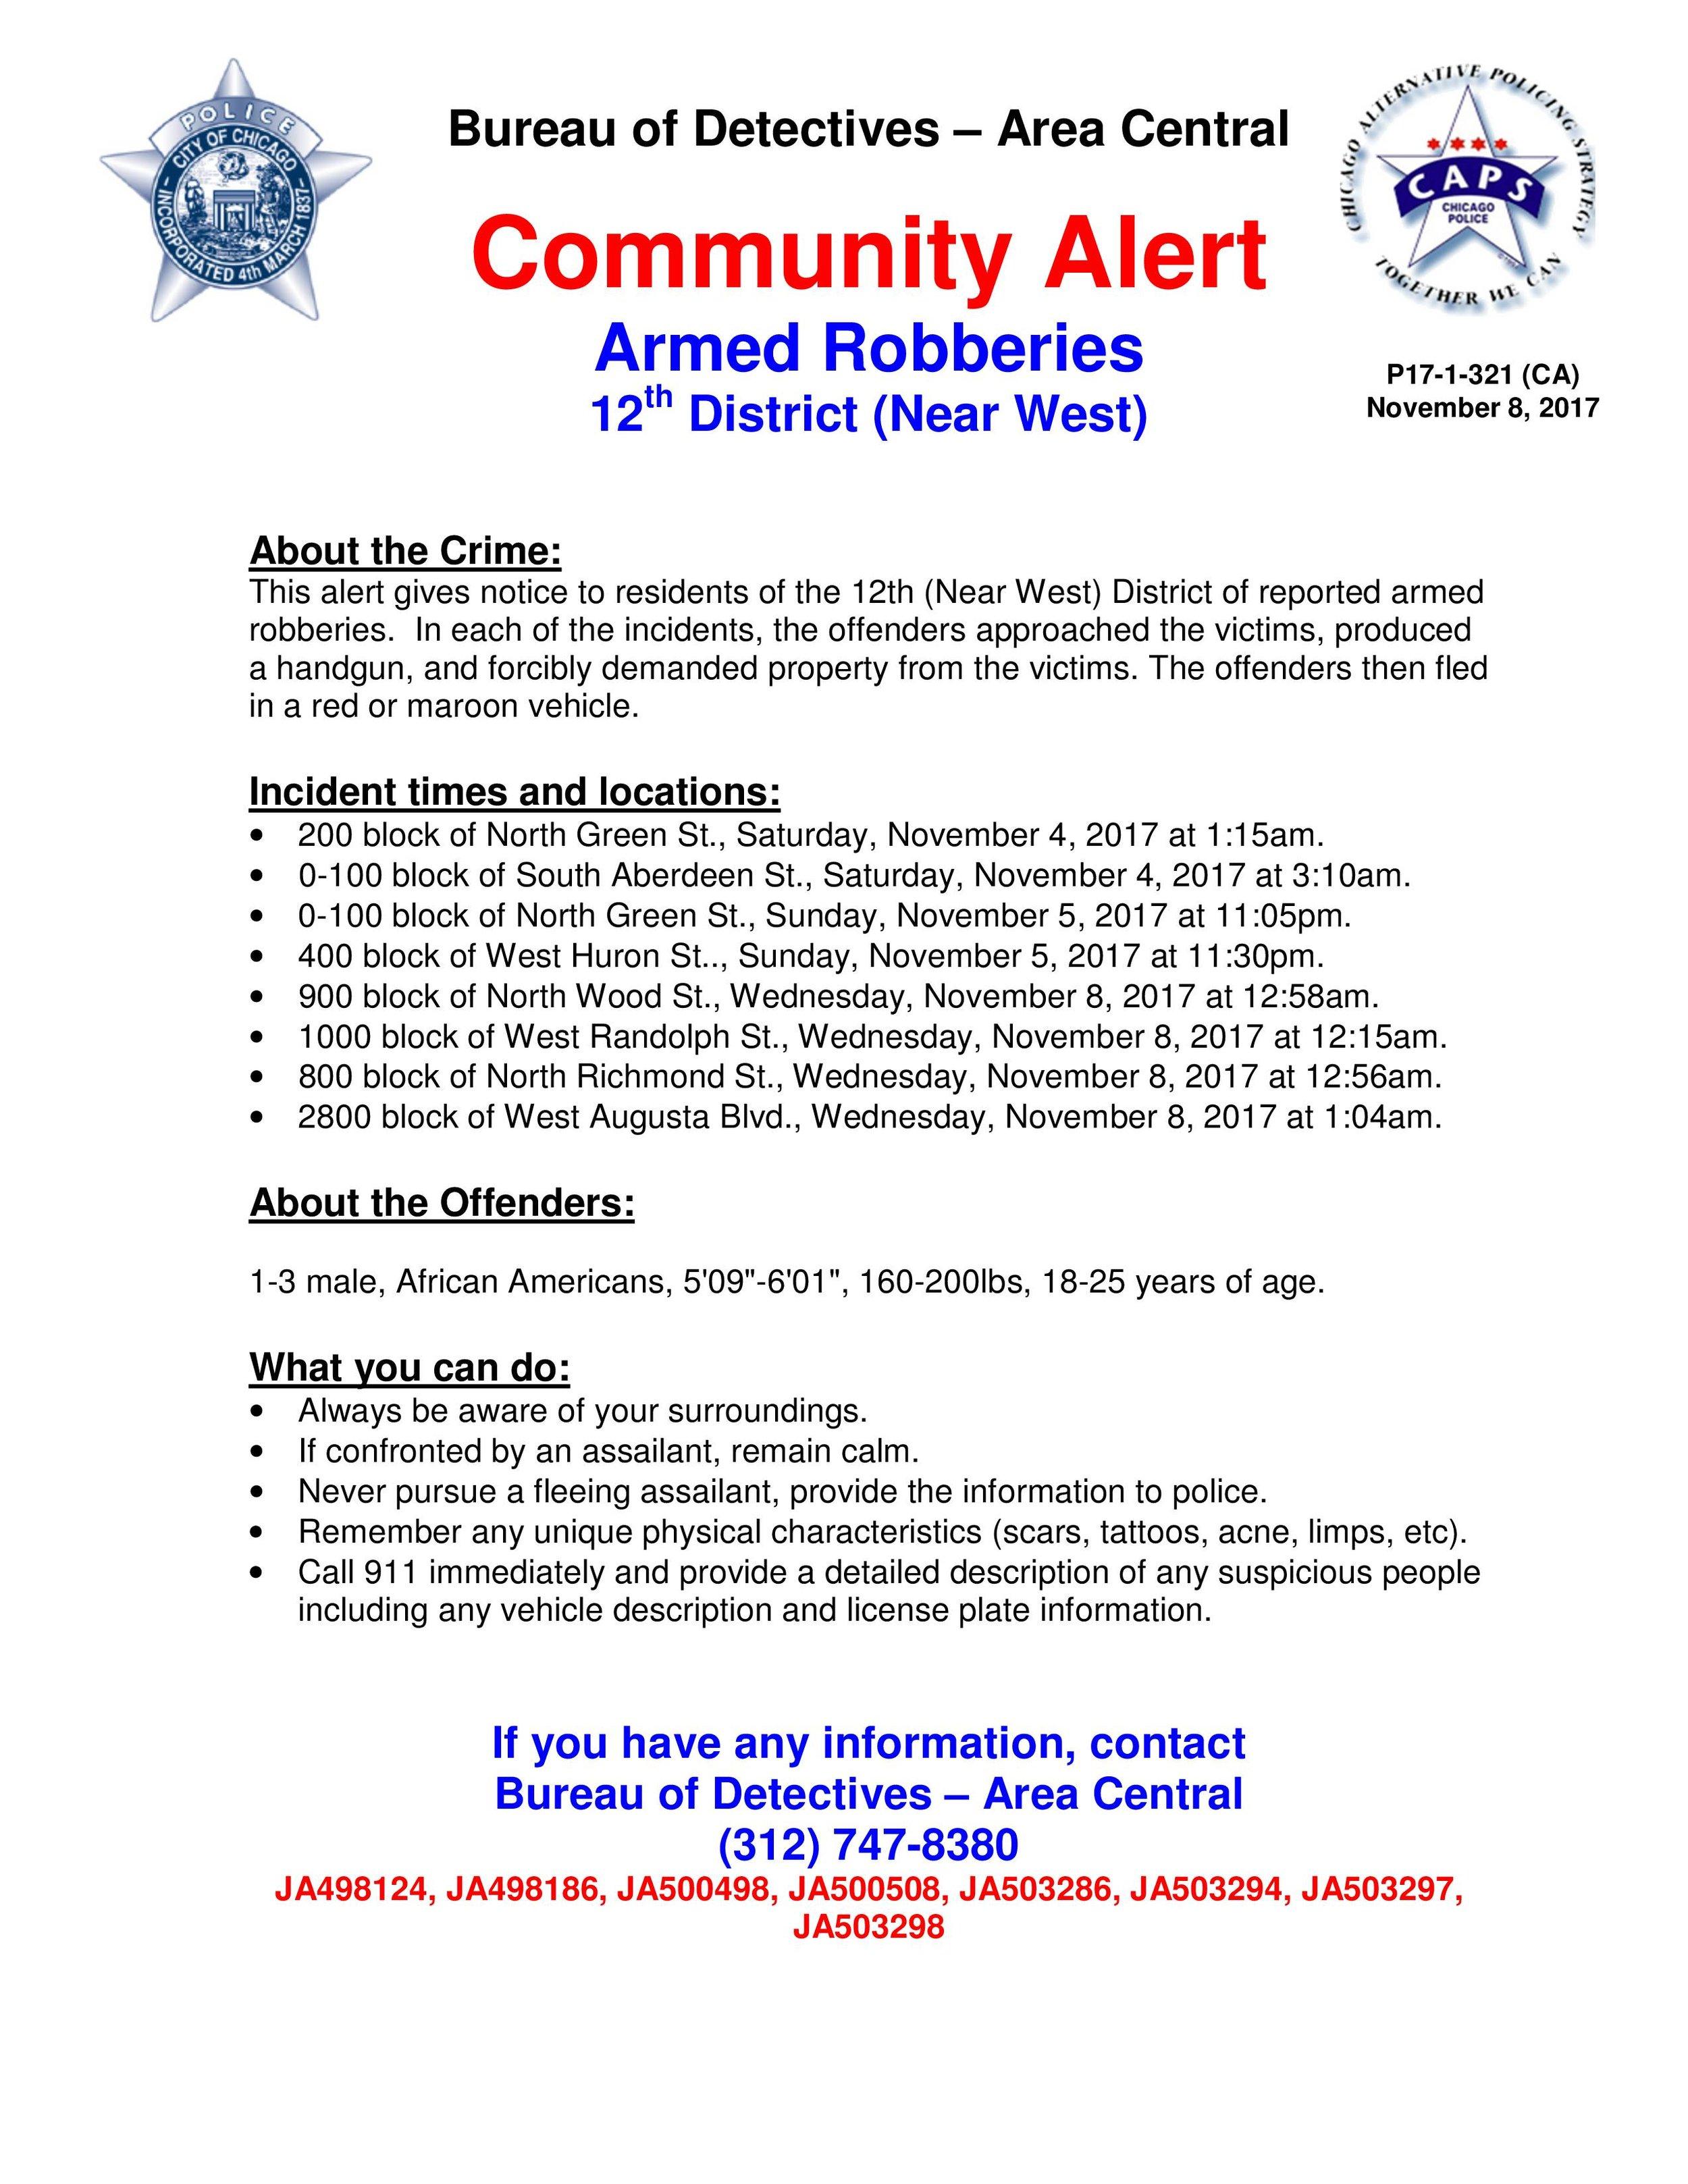 08Nov17 Community Alert-12th District Armed Robberies (1).jpg